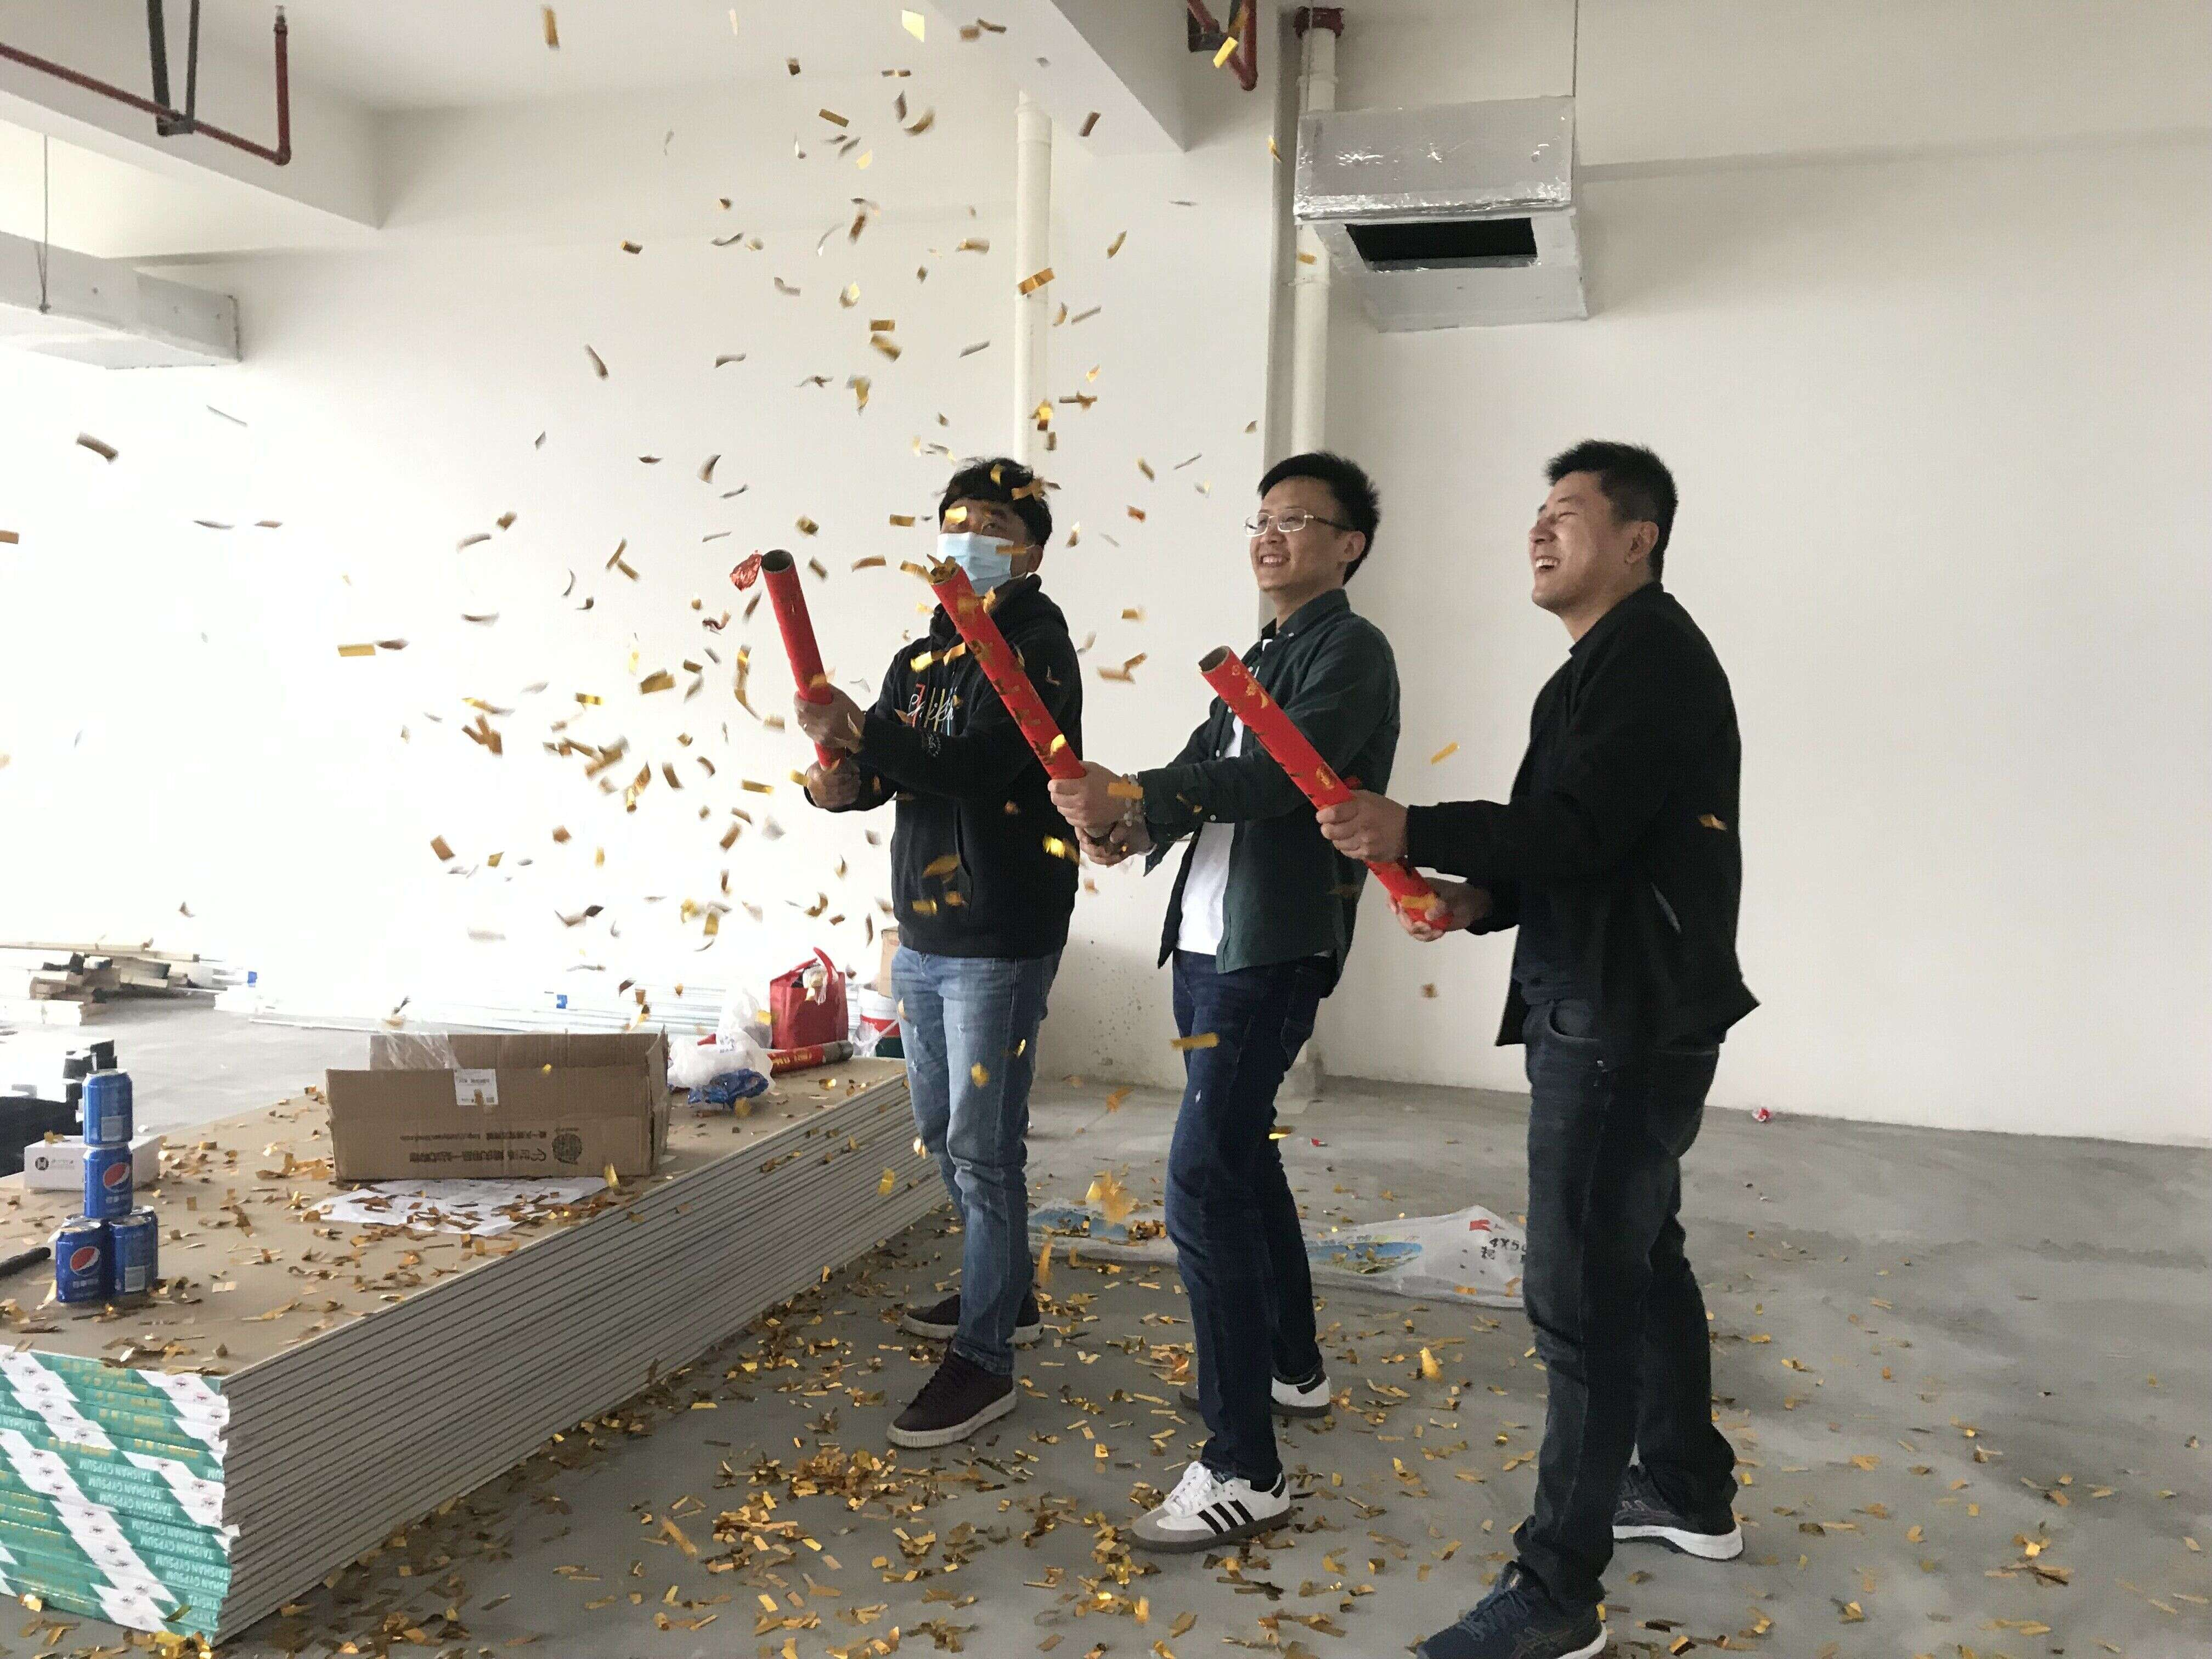 热烈祝贺南京迪塔维数据技术有限公司乔迁之喜